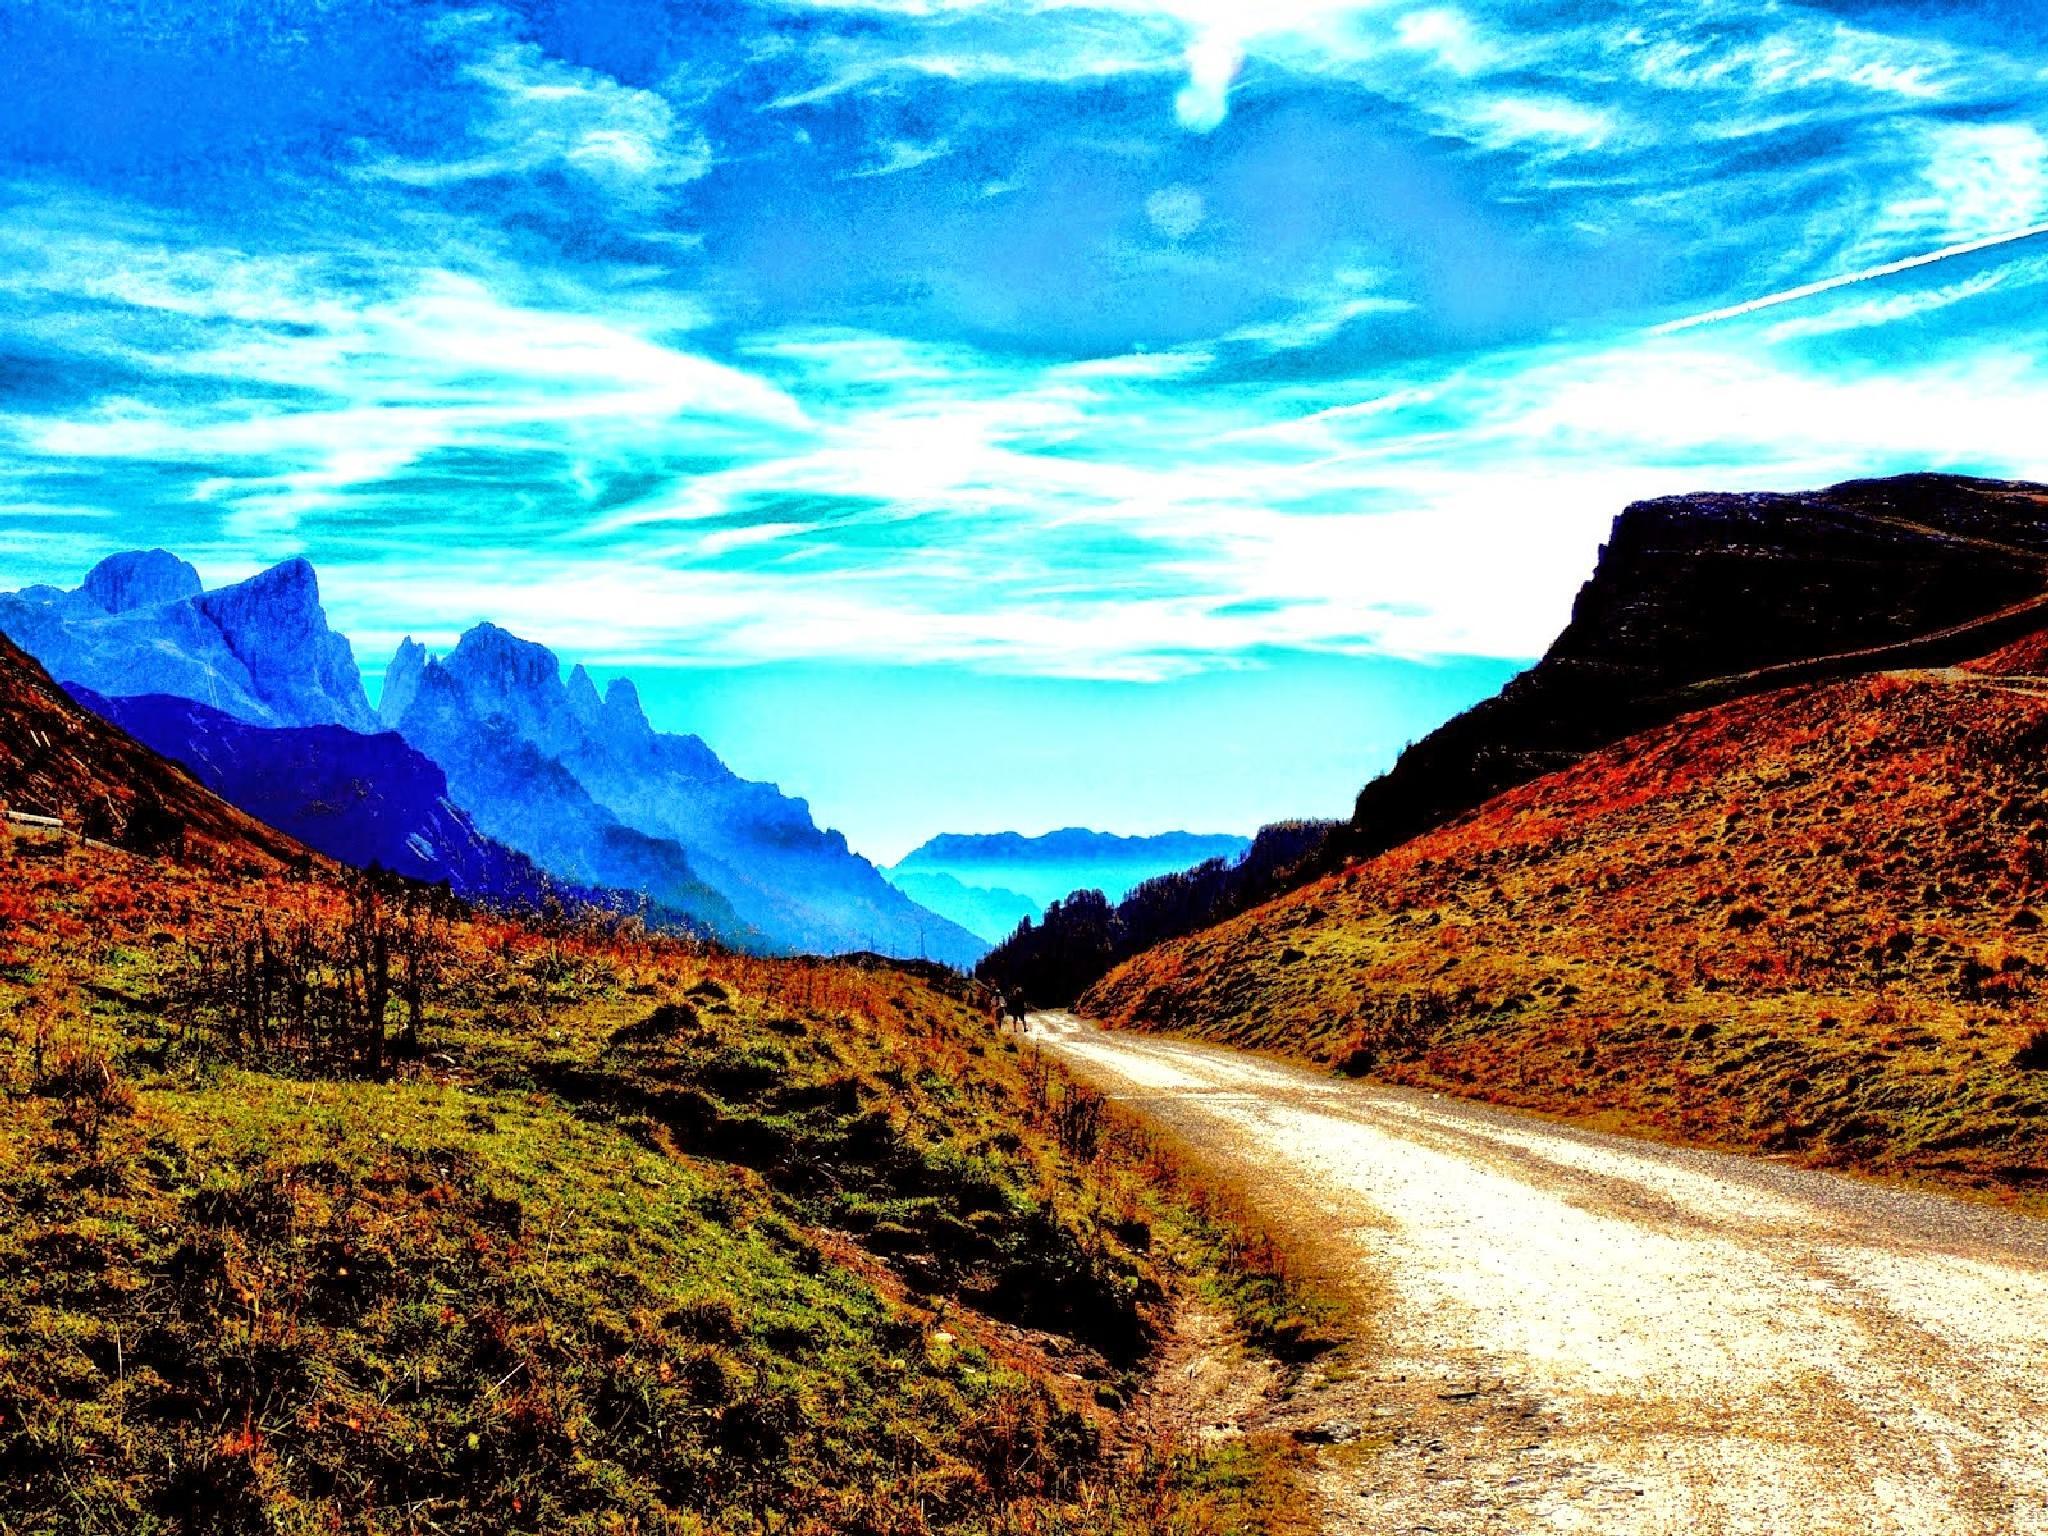 Mountain road by Damiano Mozzato